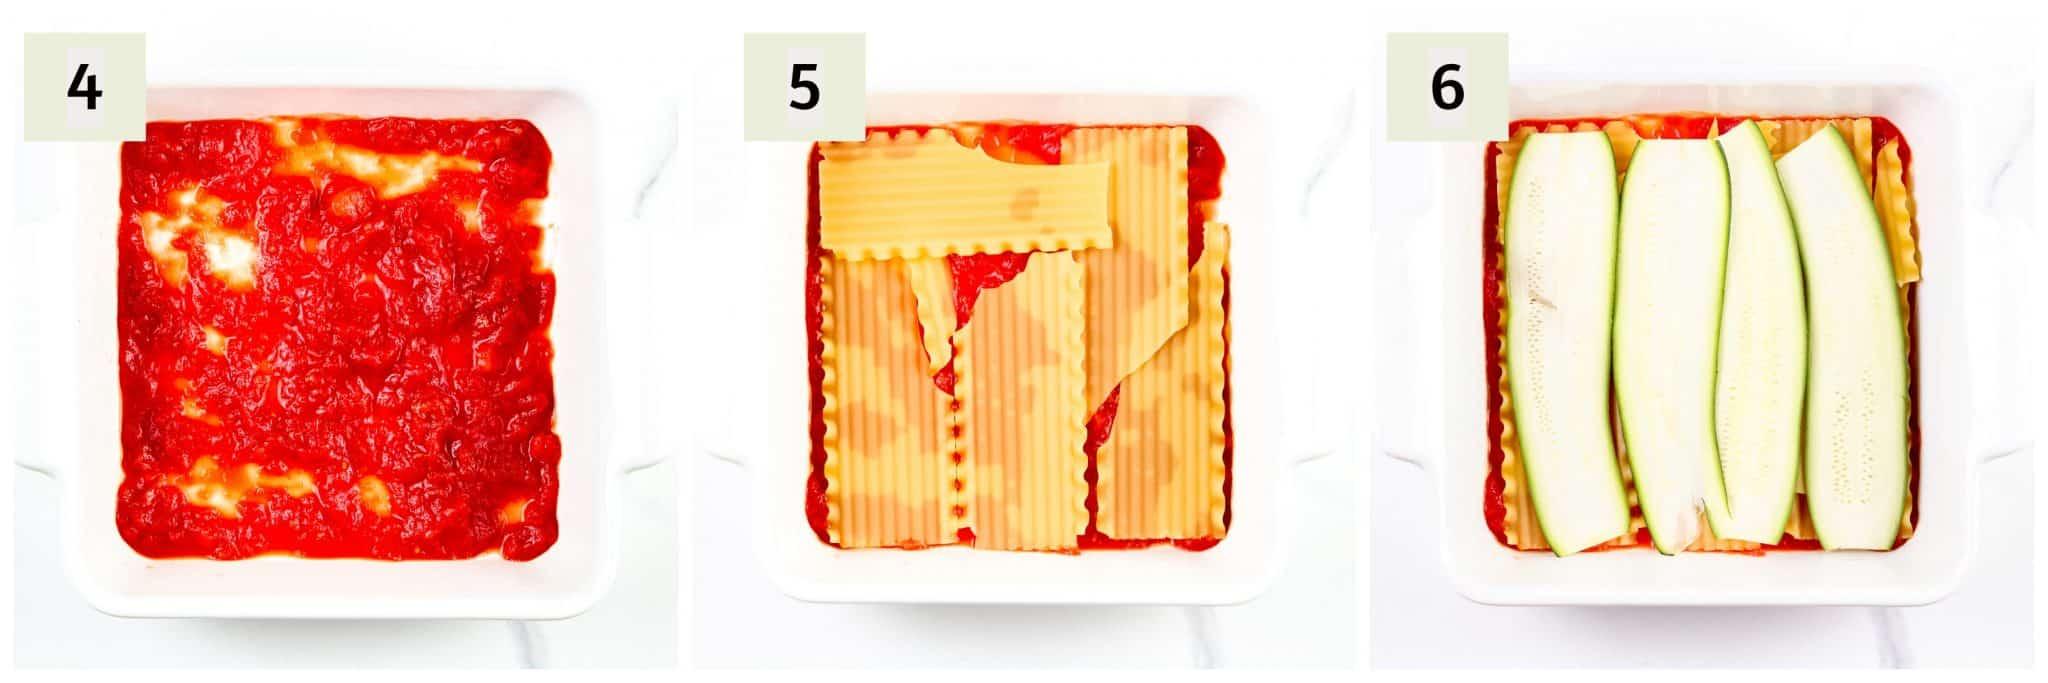 Process shots of making dairy free lasagna.